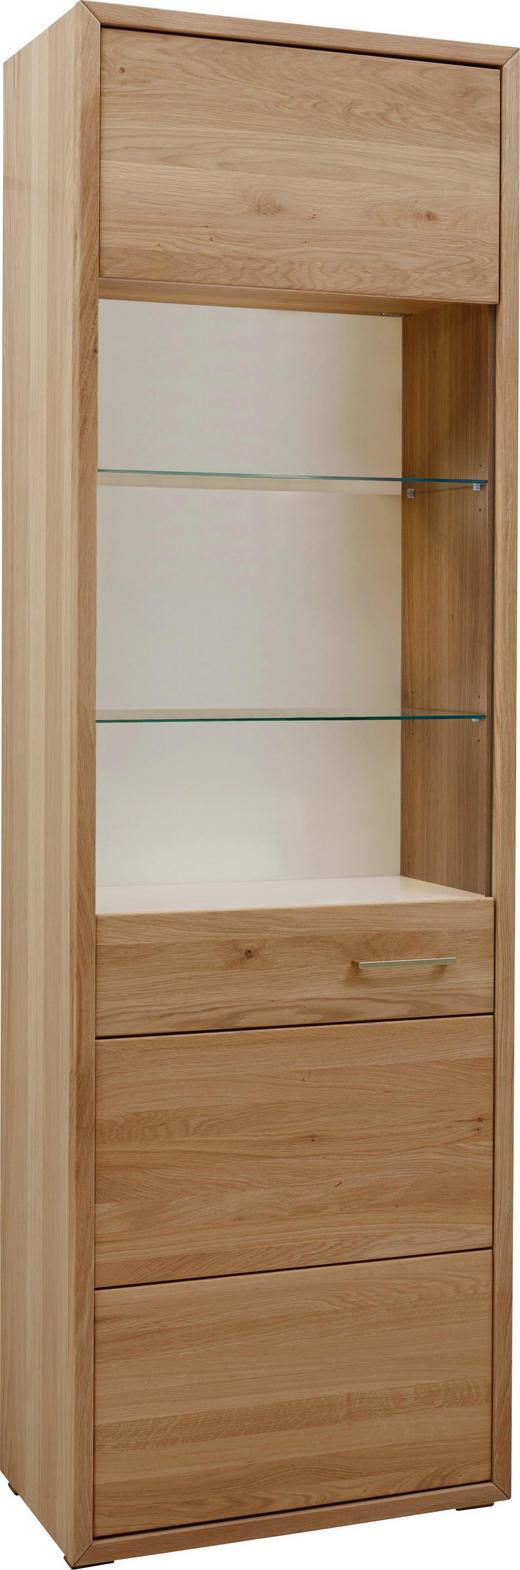 VITRINE Eiche furniert, massiv Eichefarben - Eichefarben/Nickelfarben, KONVENTIONELL, Glas/Holz (65,6/209,5/38cm) - Voleo